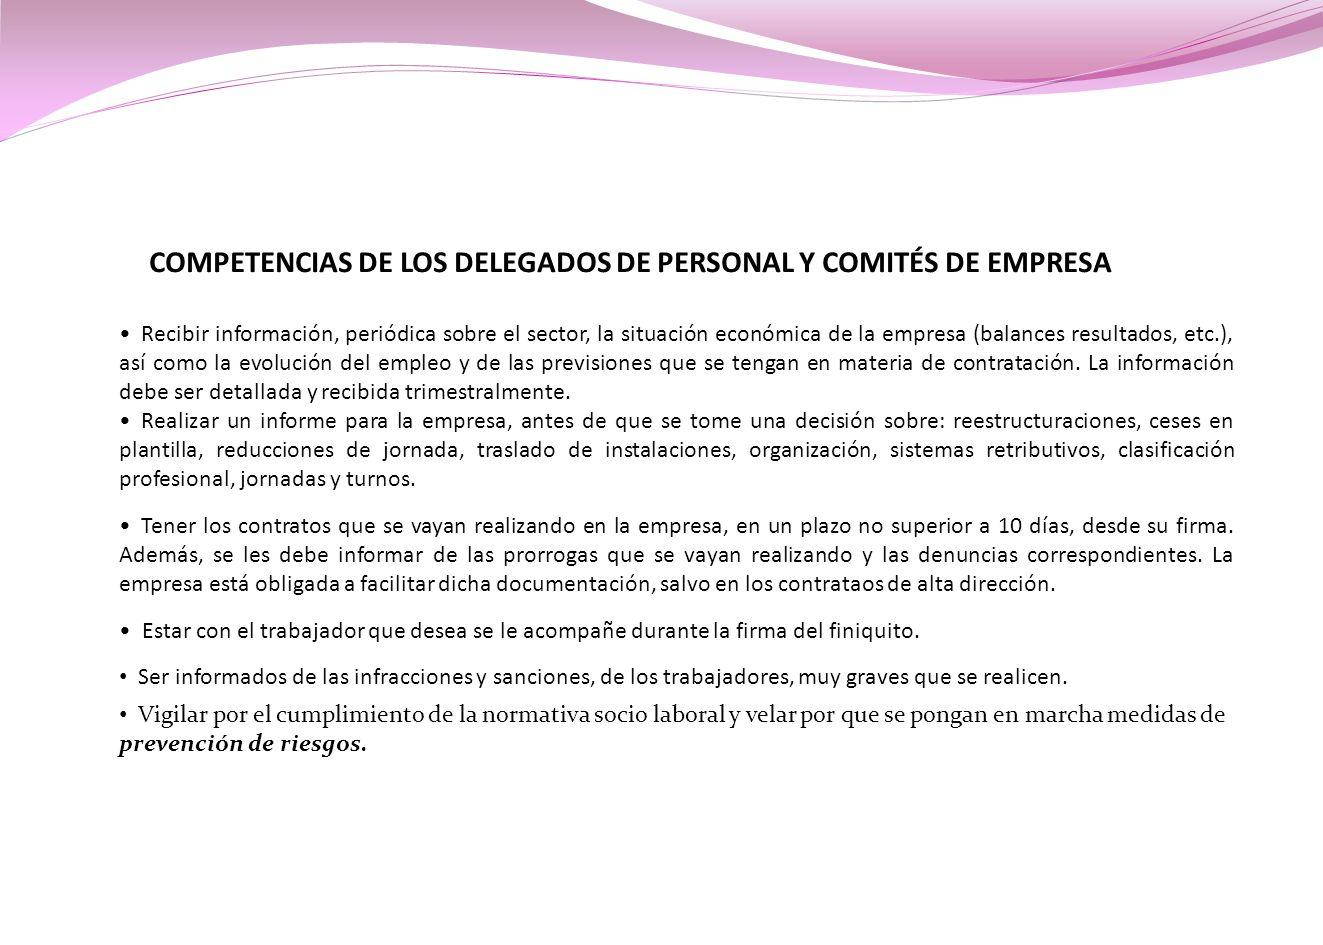 COMPETENCIAS DE LOS DELEGADOS DE PERSONAL Y COMITÉS DE EMPRESA